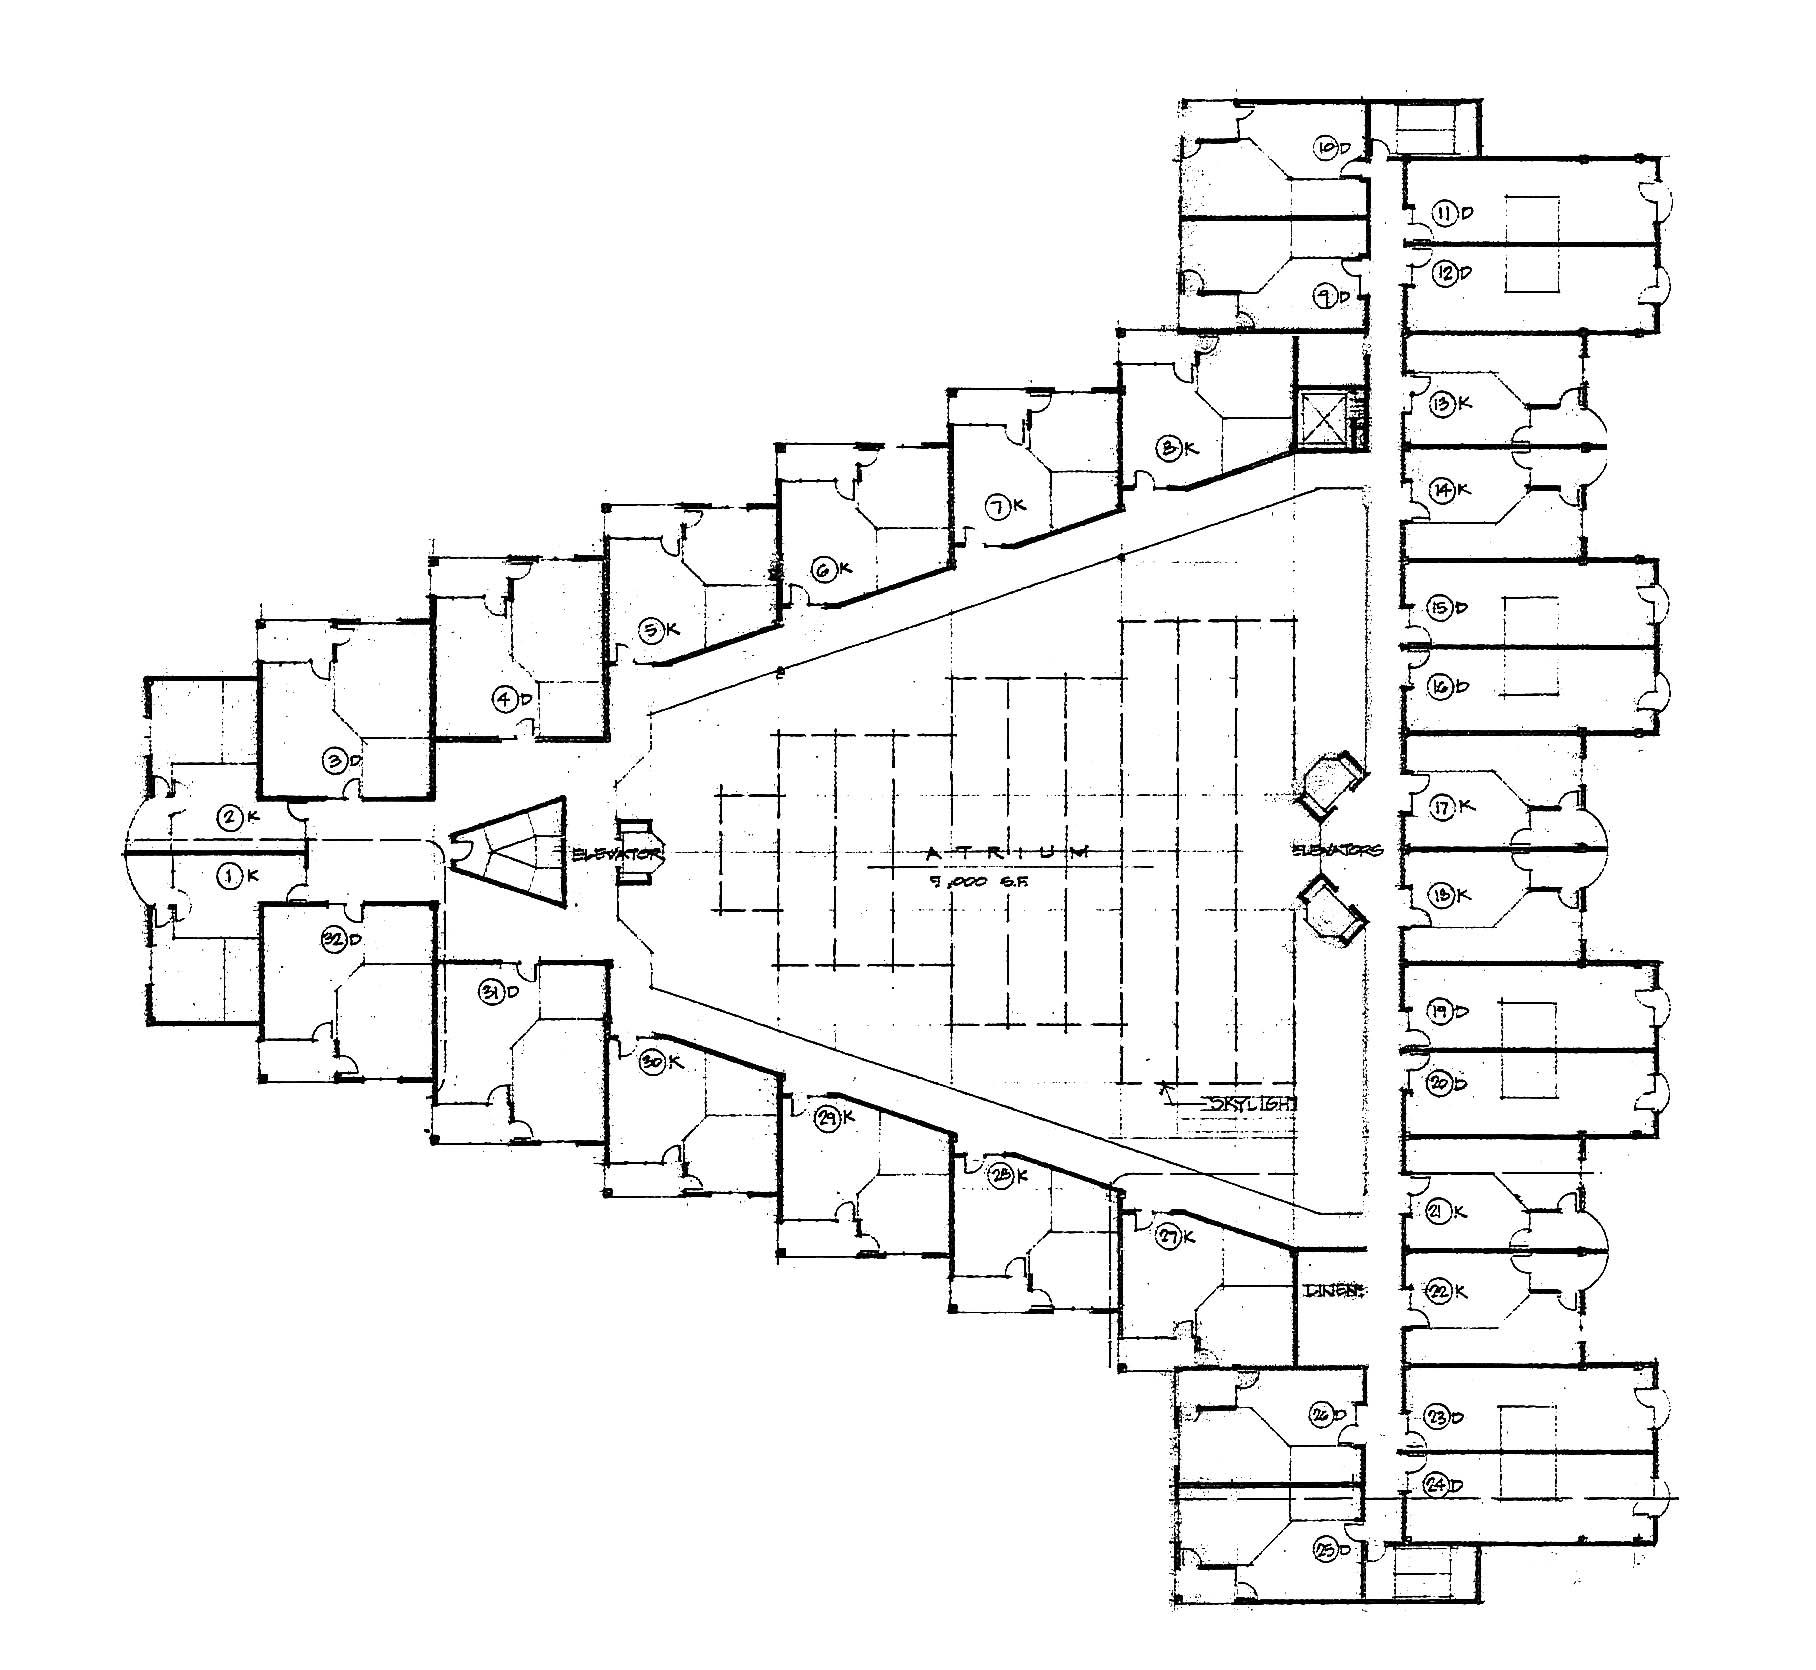 embassy-lido-plan.jpg